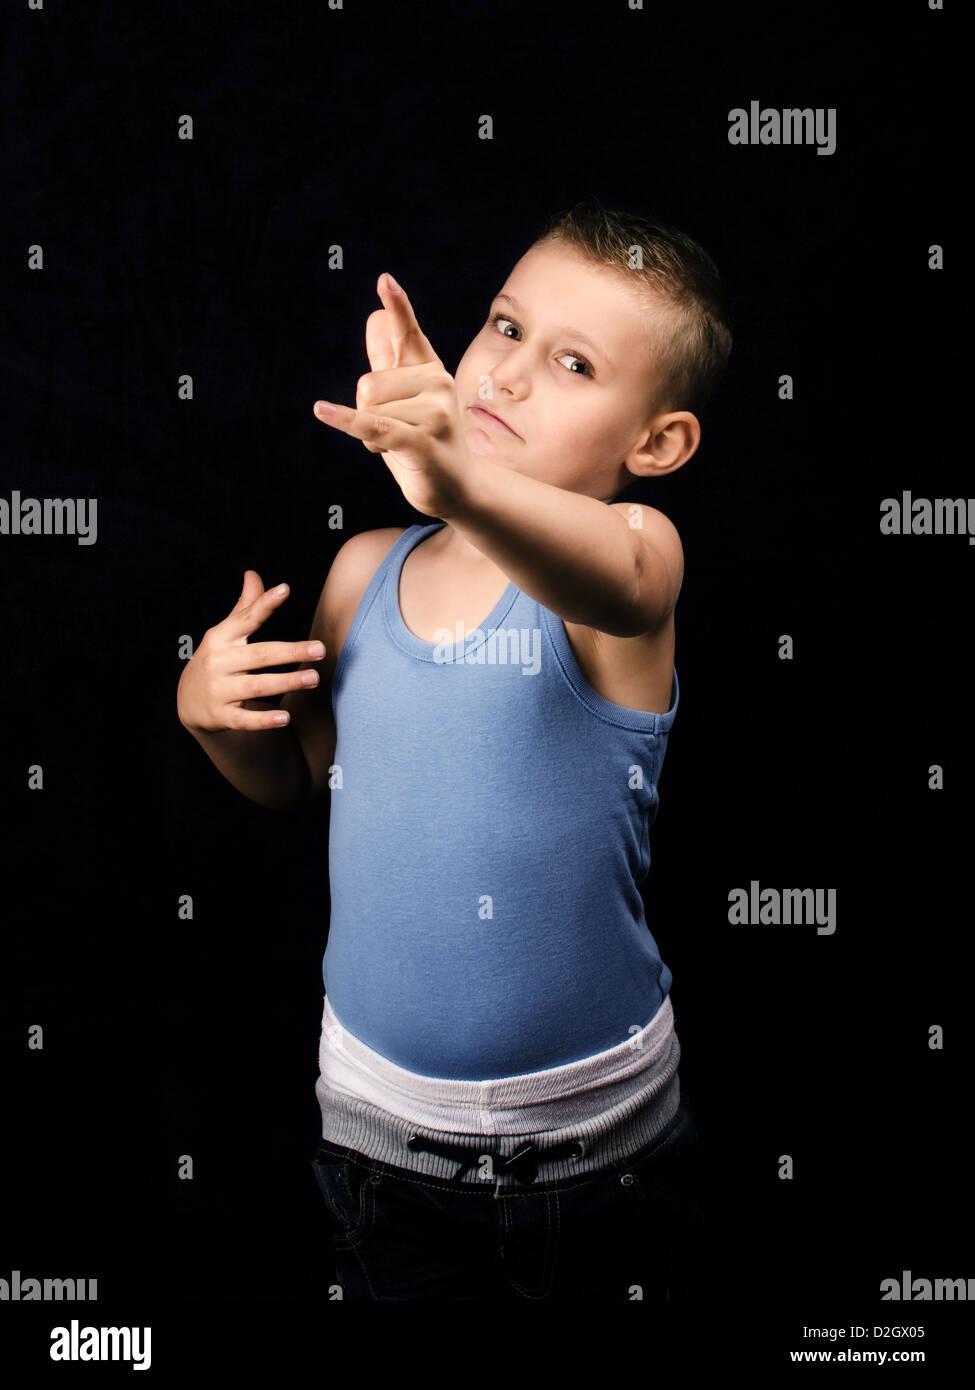 Los niños estimulados a ejercer Imagen De Stock